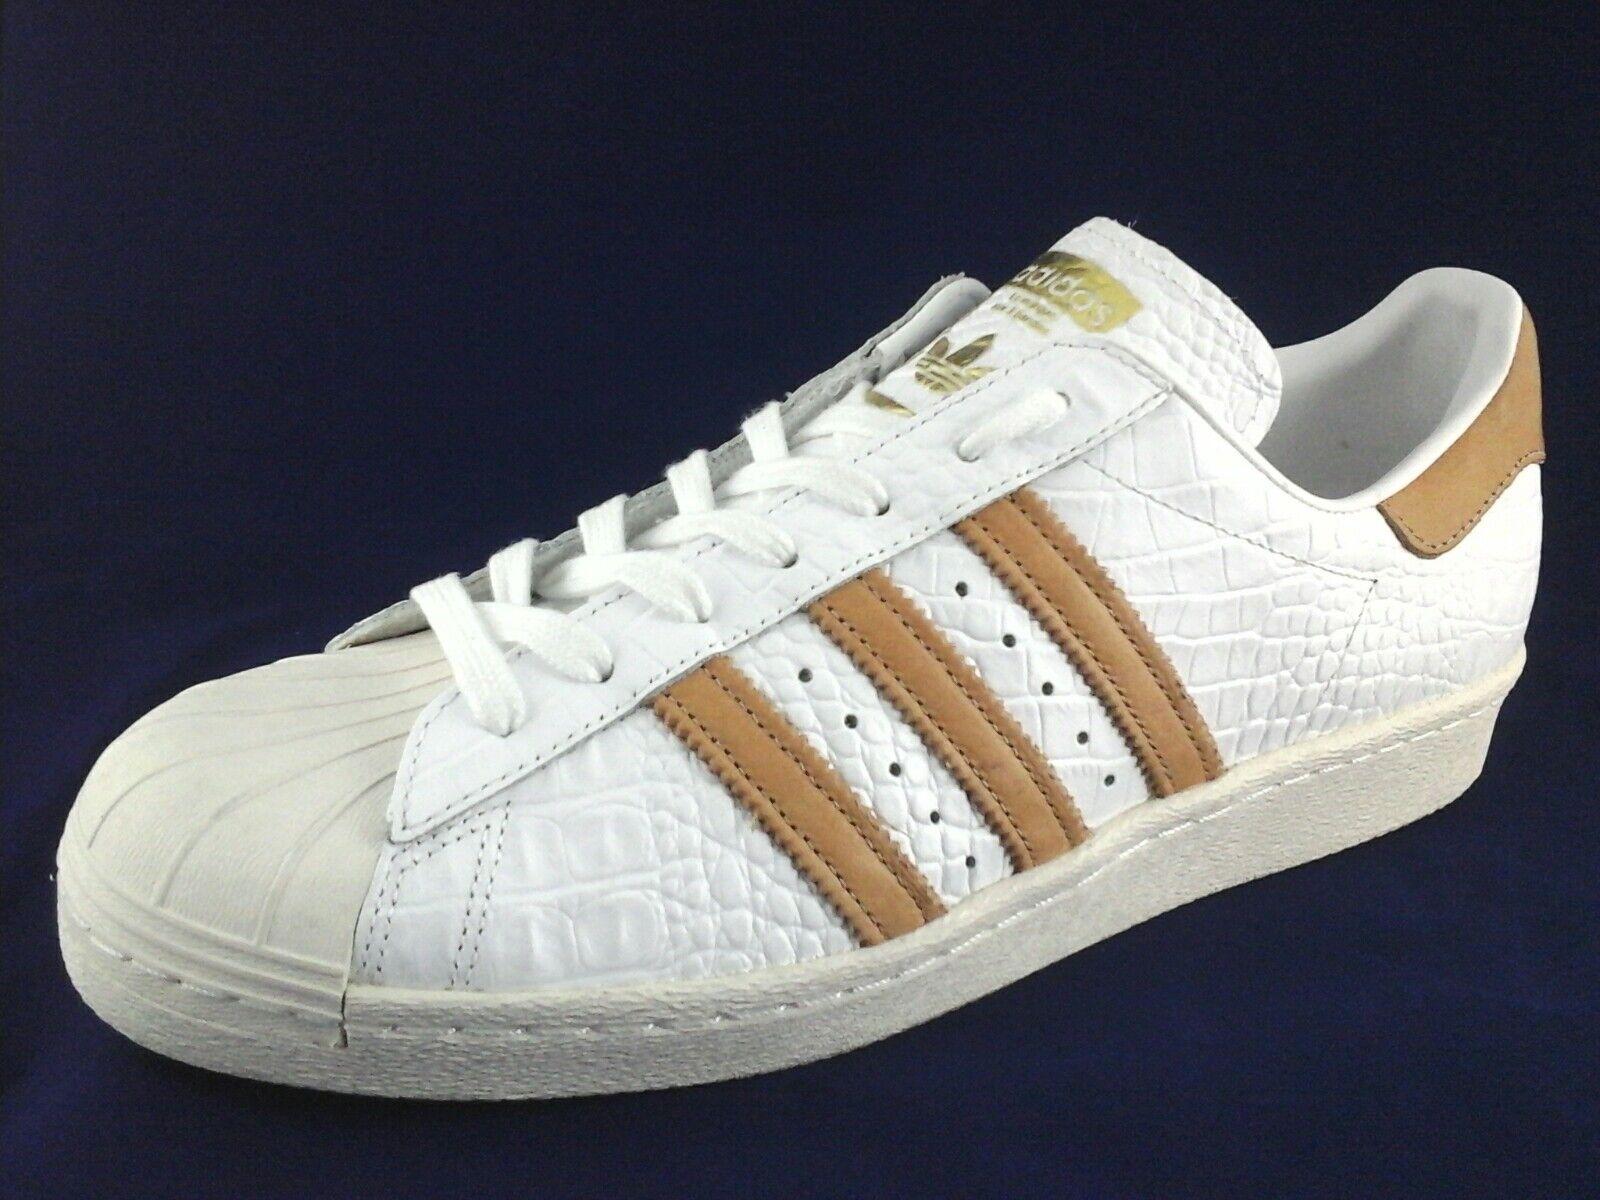 Zapatillas Adidas Superstar Para de Hombre Blanco/Dorado tan Zapatos BB2229 Cocodrilo Retro 11.5/46 de Para EE. UU. 0073e4